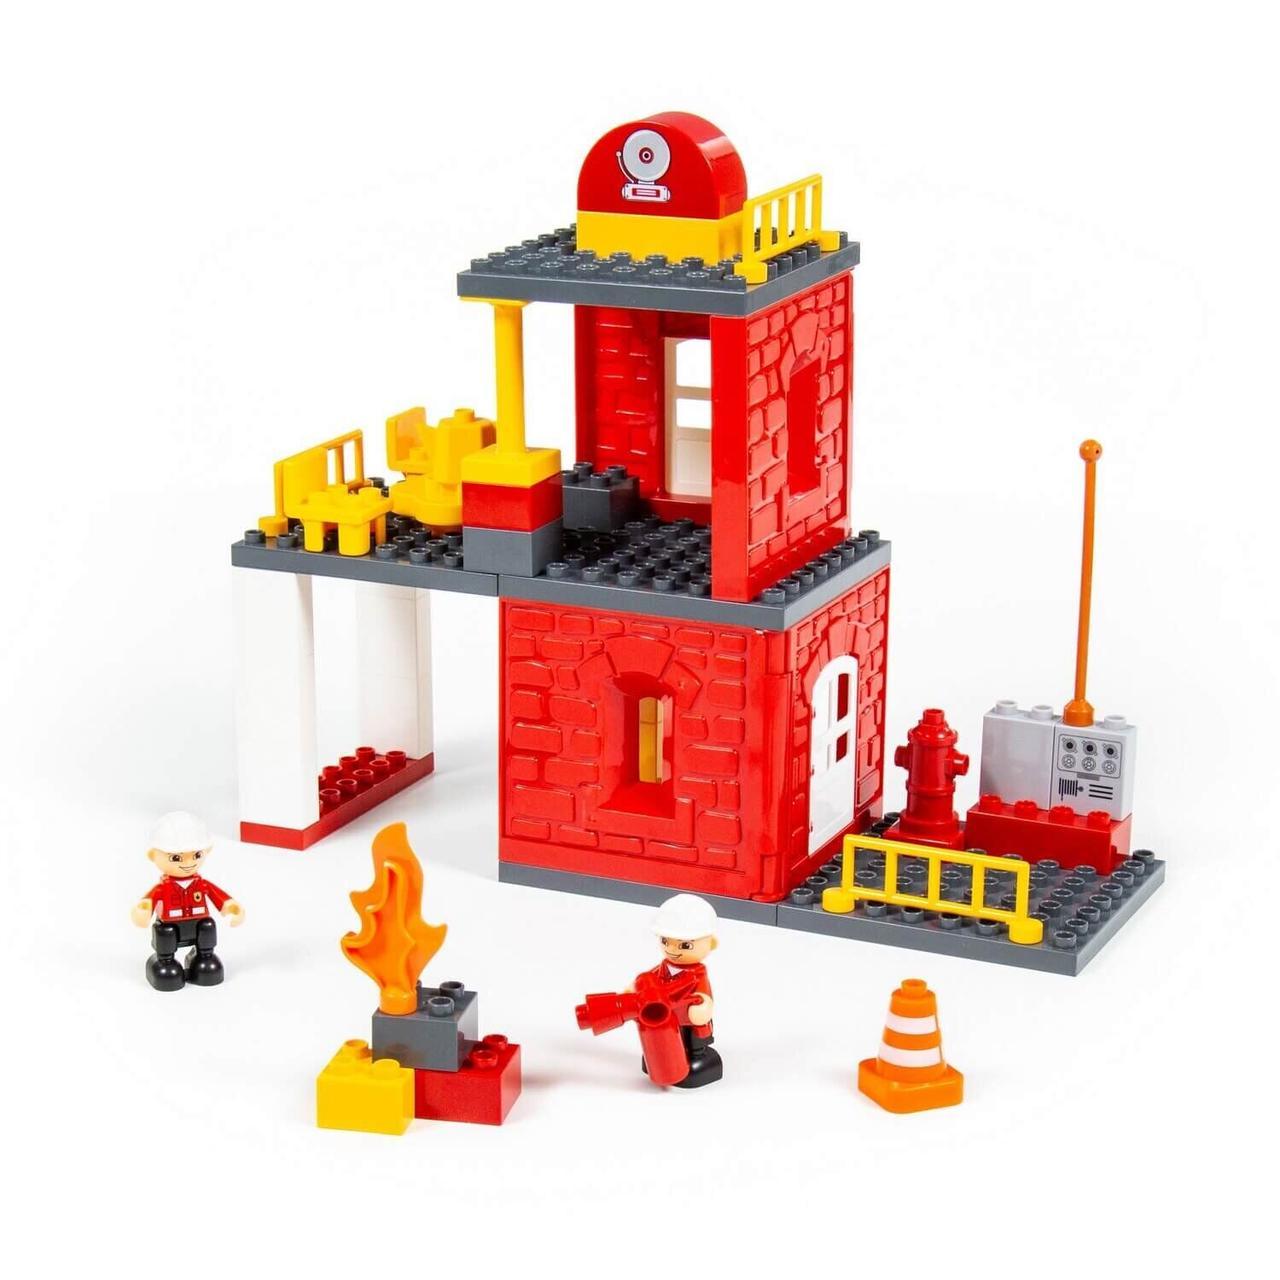 Конструктор Макси - Пожарная станция (64 элемента) Полесье 77516